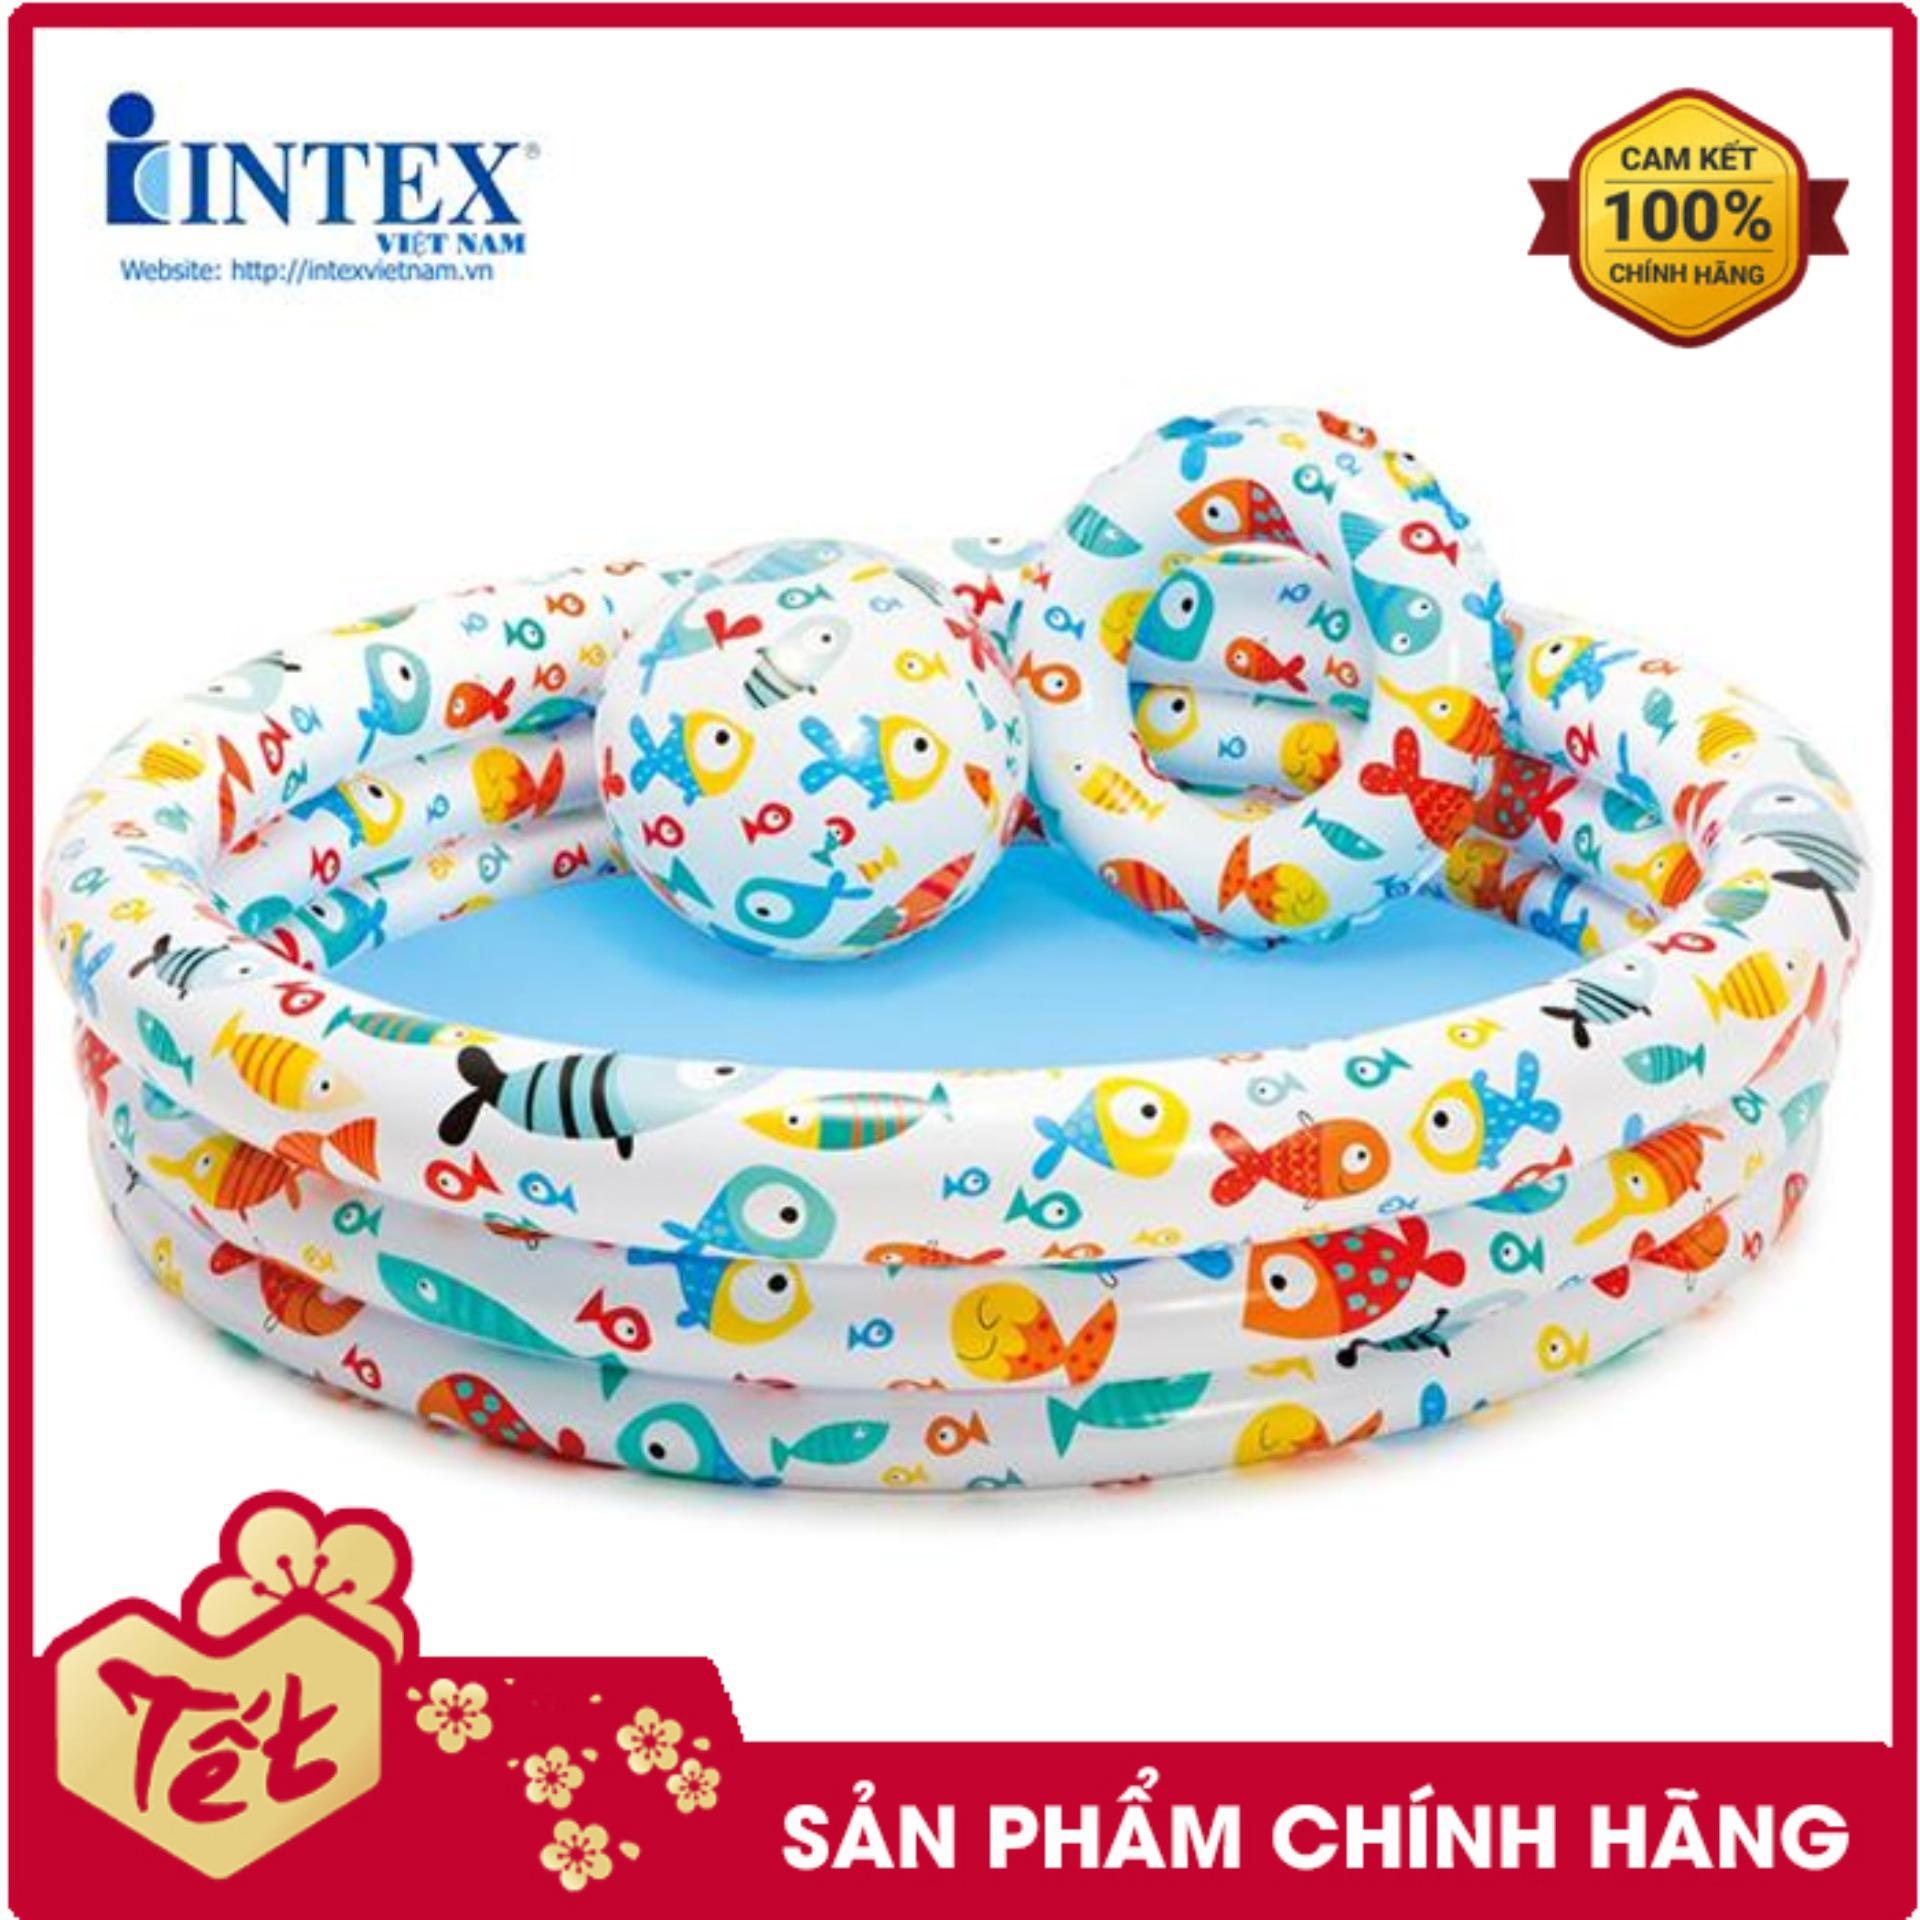 Bộ Bể 1m32 + Bóng + Phao Intex 59469 - Hồ Bơi Cho Bé Mini, Bể Bơi Phao Trẻ Em, Do Choi Tre Em Với Giá Sốc